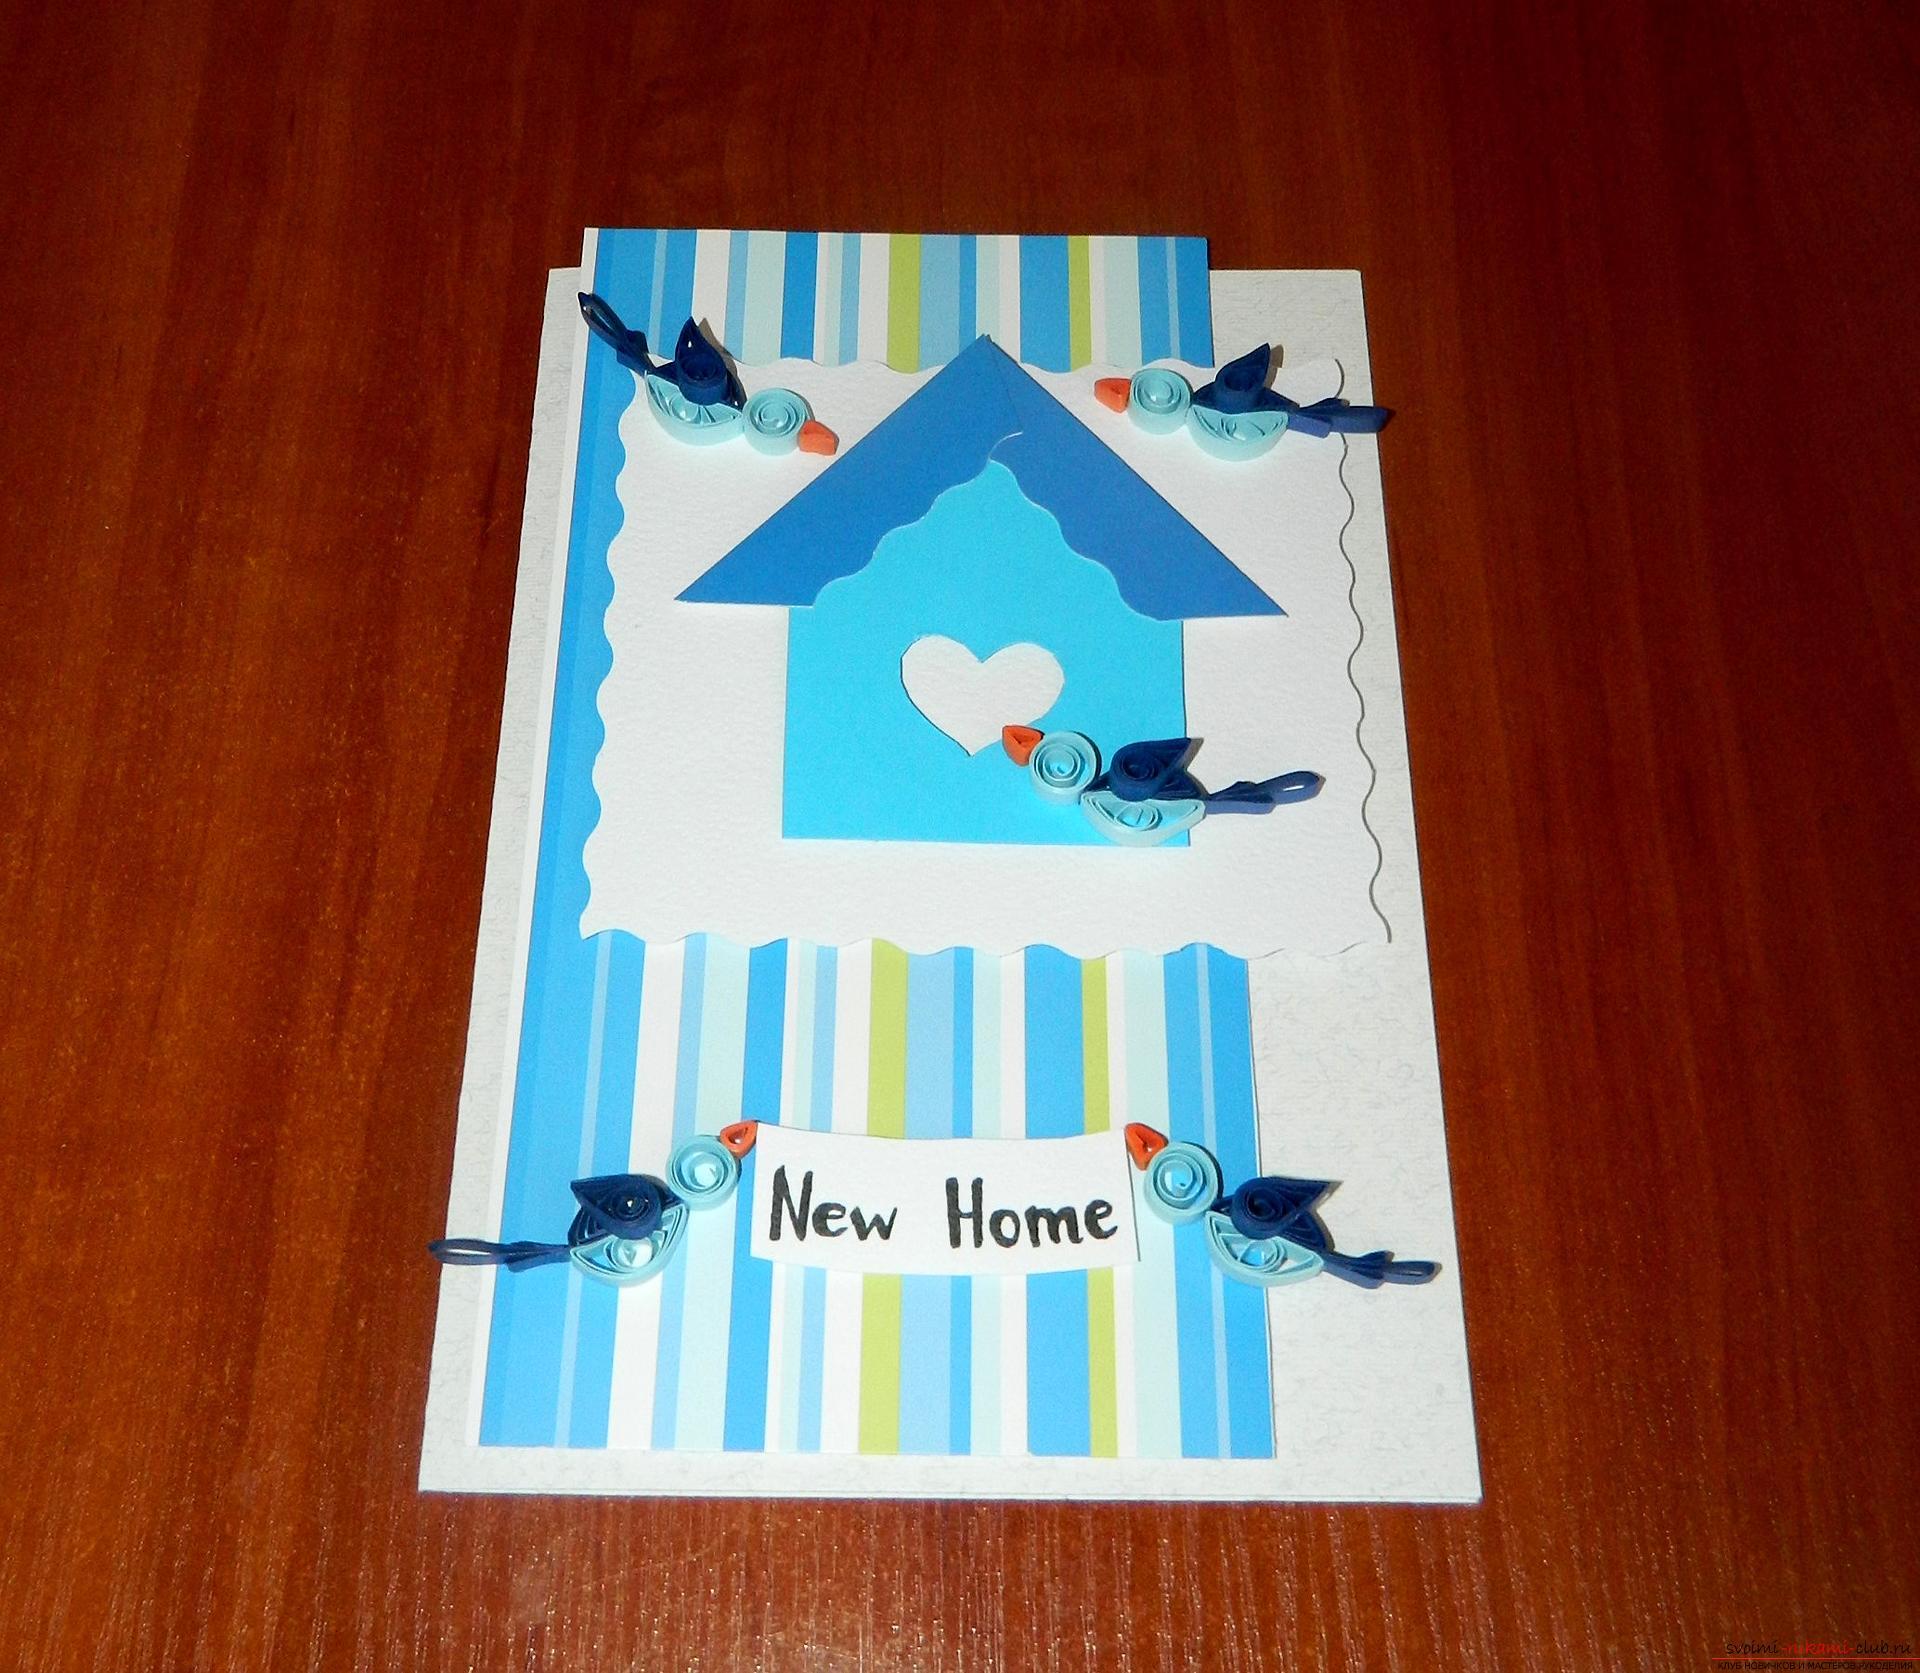 Что подарить на новоселье: своими руками, открытка, торт 52